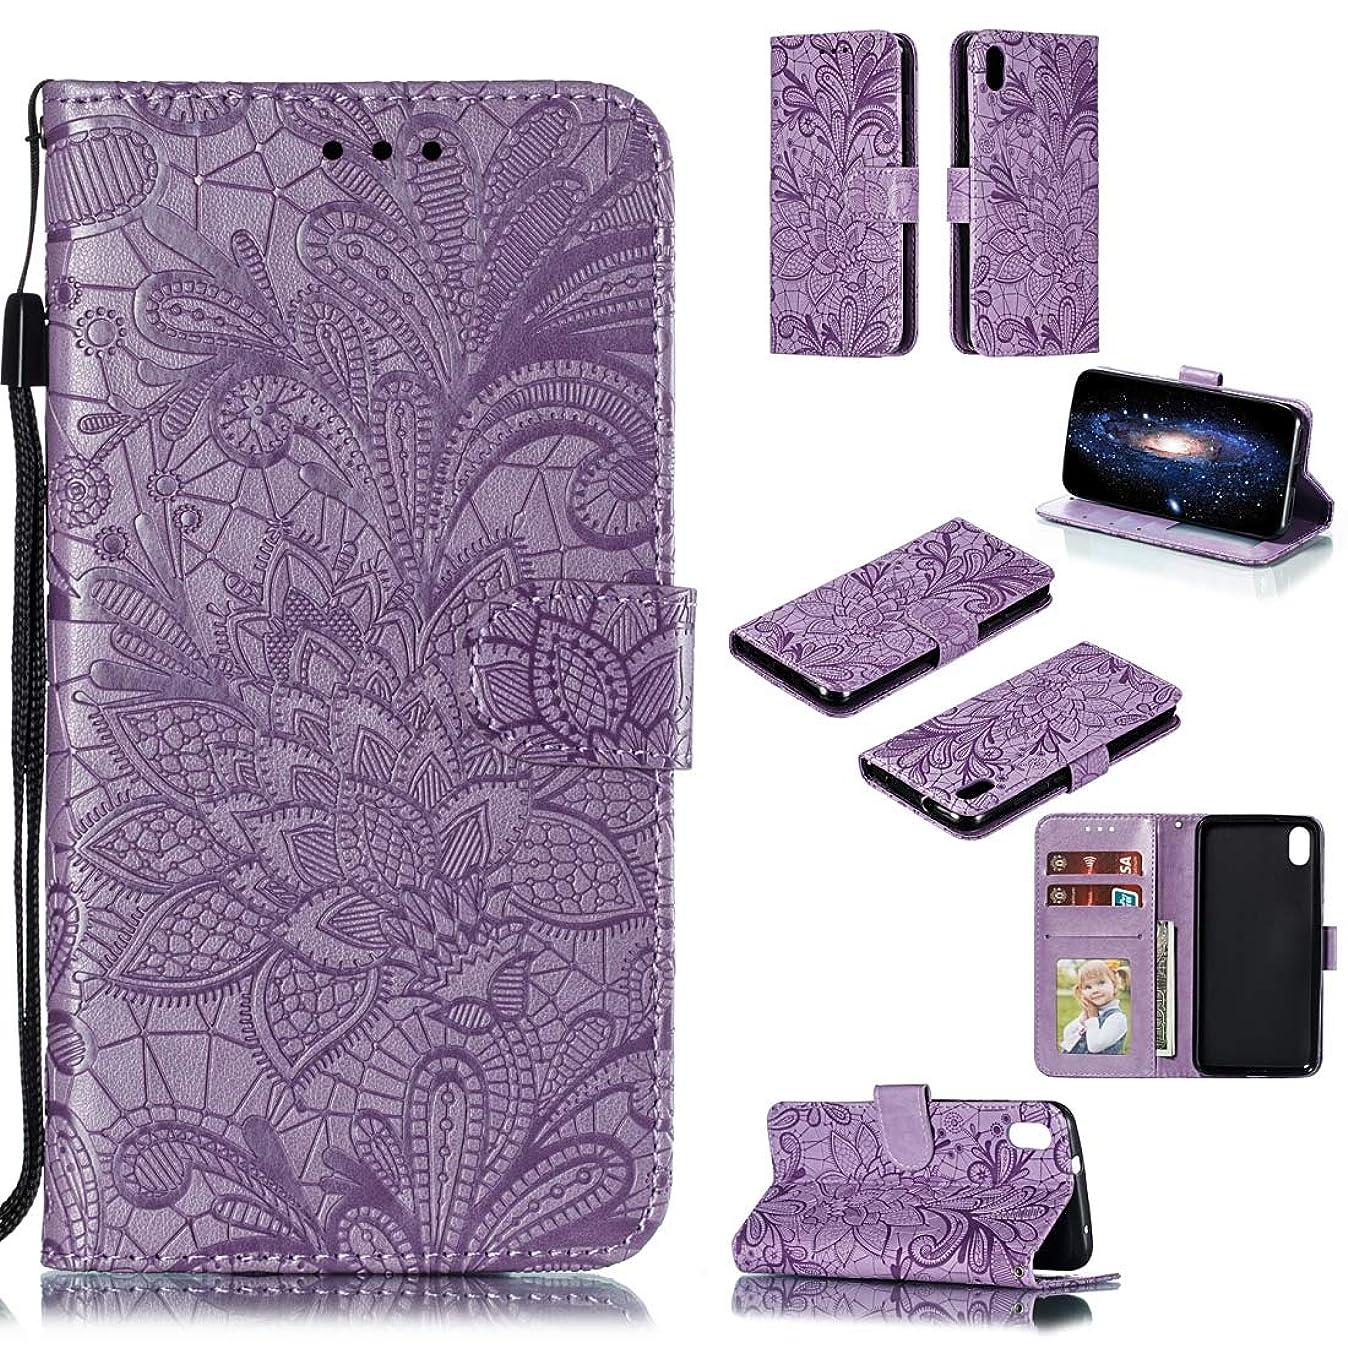 泣き叫ぶ変化する栄光小米科技Redmi 7A用ホルダー&カードスロット&財布と小米科技Redmi 7Aレースフラワー水平フリップレザーケースのための携帯電話ケース brand:TONWIN (Color : 紫の)